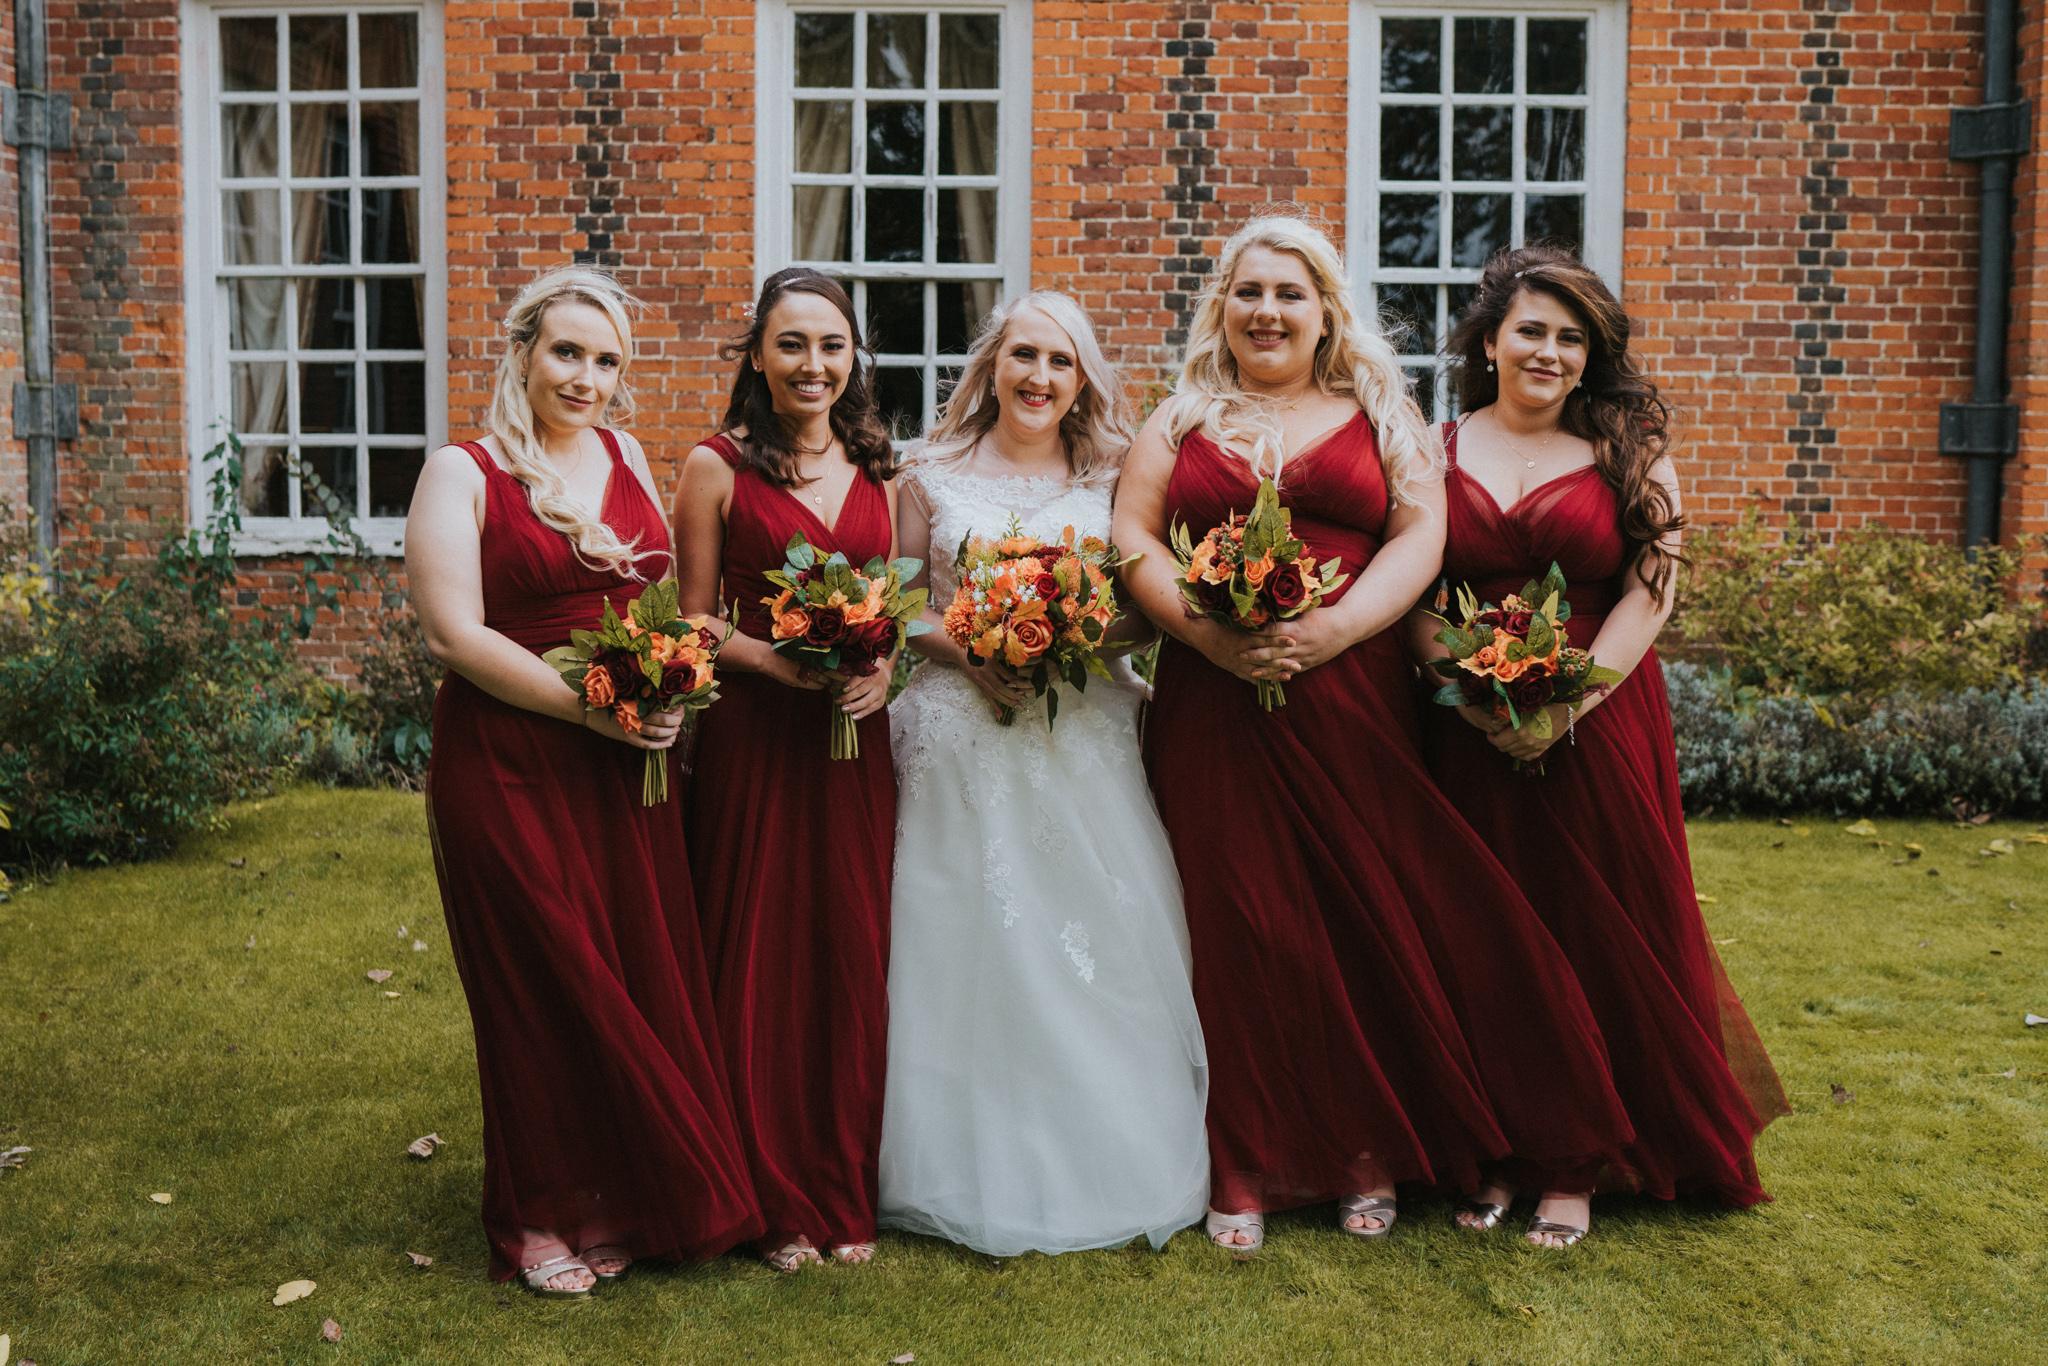 chara-neil-gosfield-hall-wedding-grace-elizabeth-colchester-essex-alternative-wedding-photographer-essex-devon-suffolk-norfolk (43 of 50).jpg